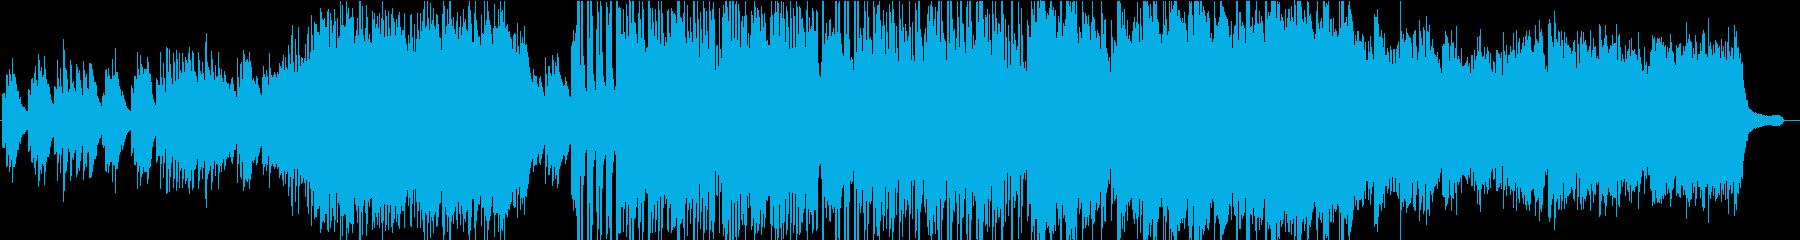 バイオリン生演奏/和風/モダン/荘厳の再生済みの波形